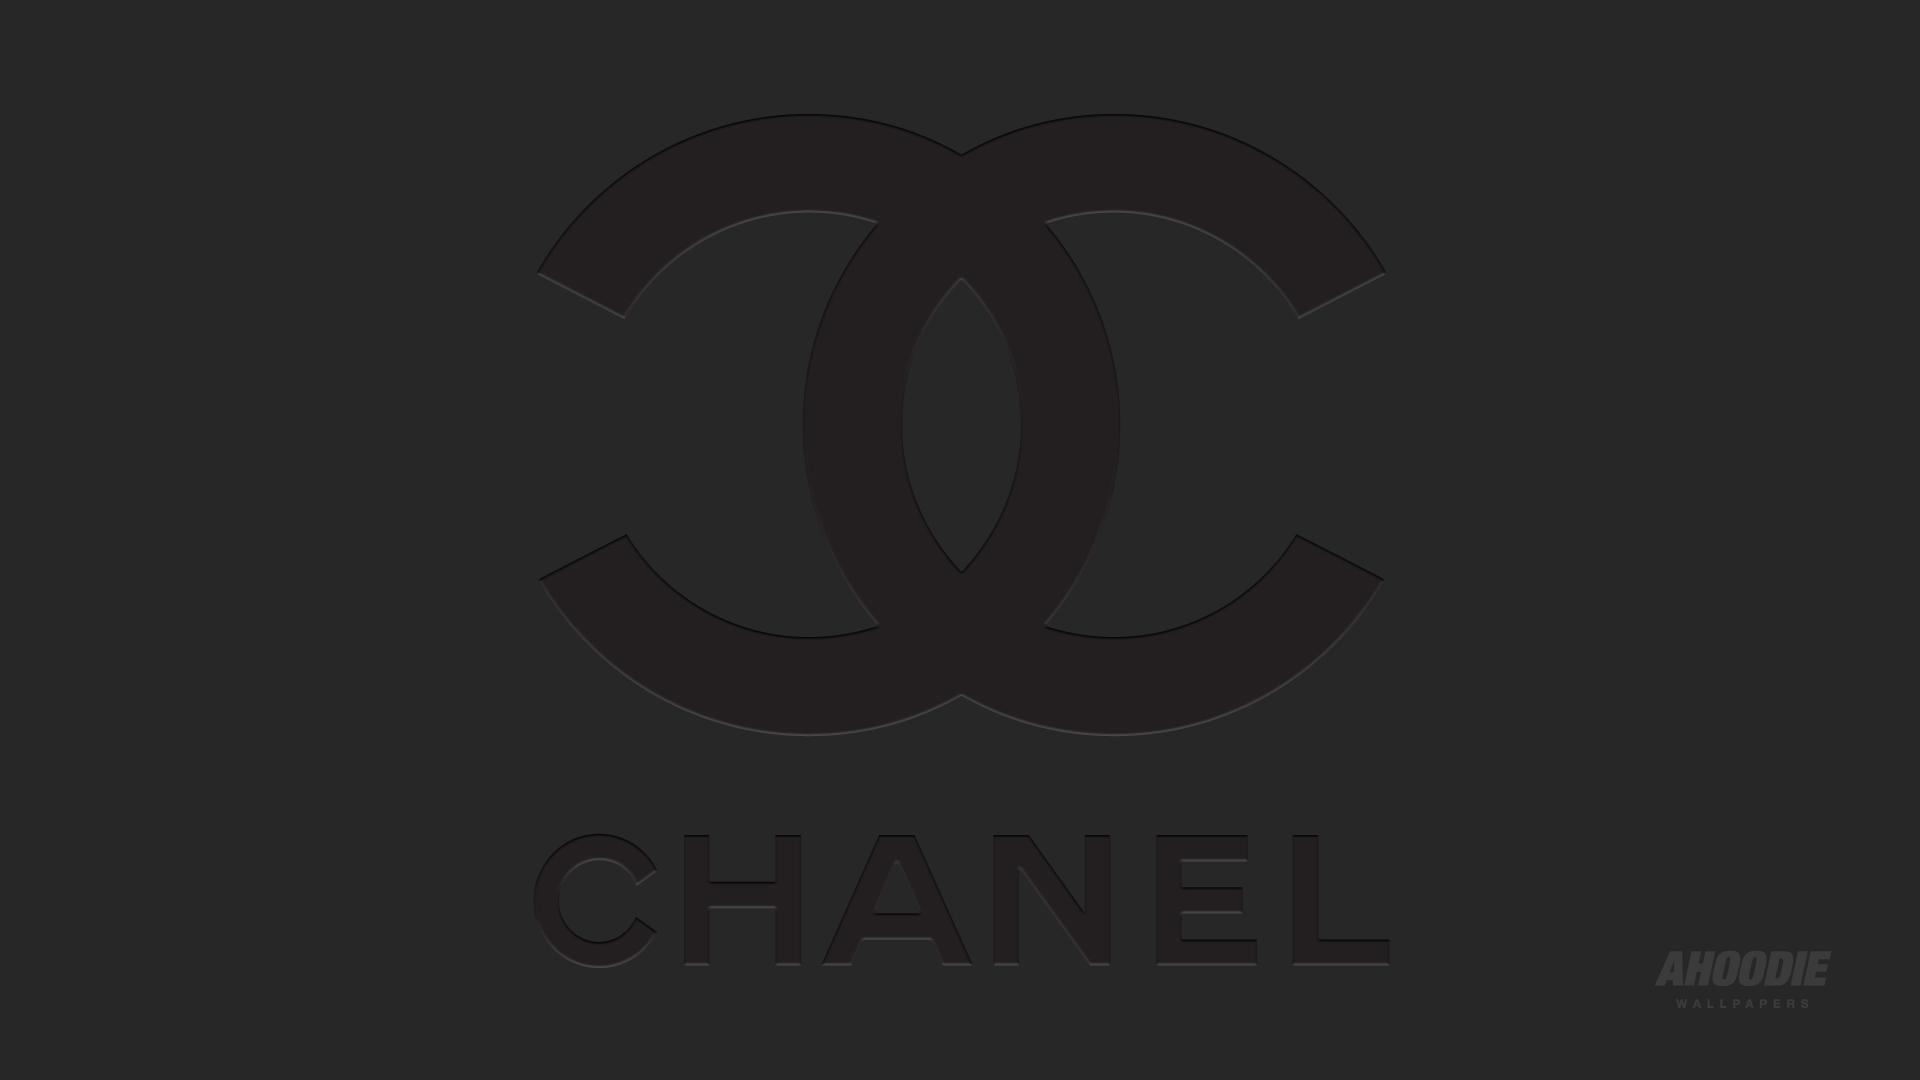 chanel wallpapers desktop widescreen